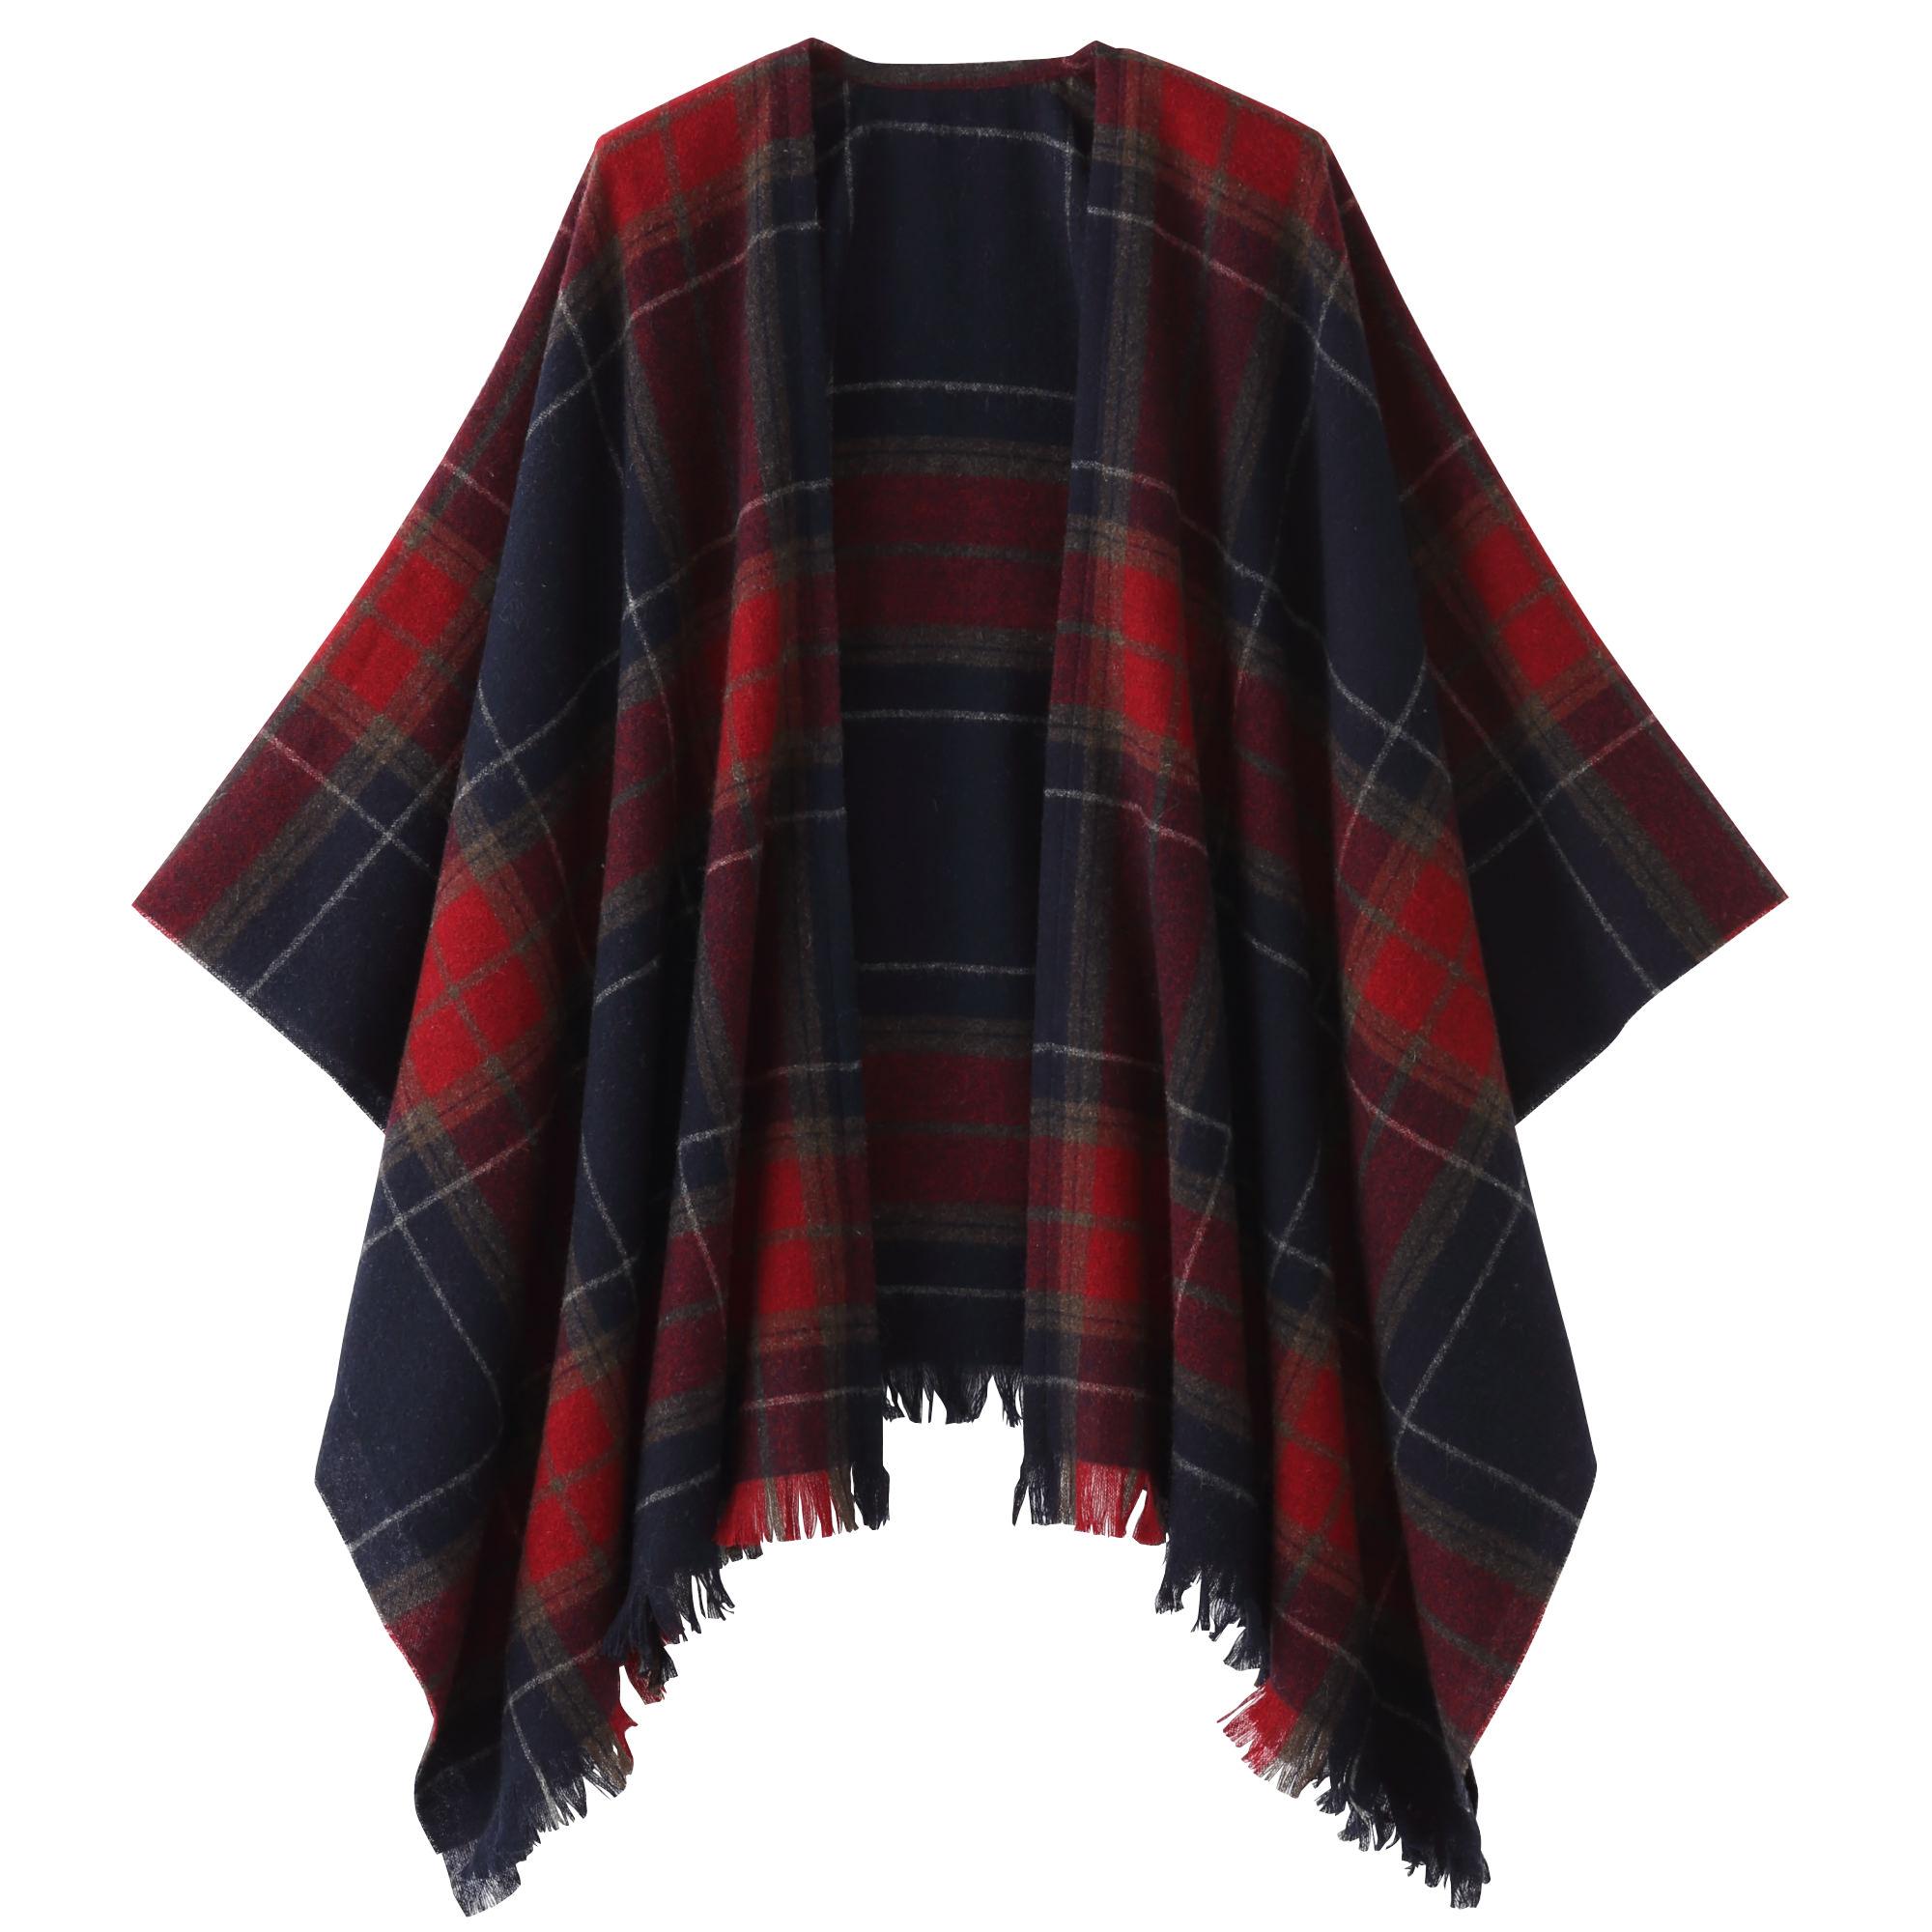 Yak Wool Large Multi Cape Stole U.P. $79 (Less 10%)